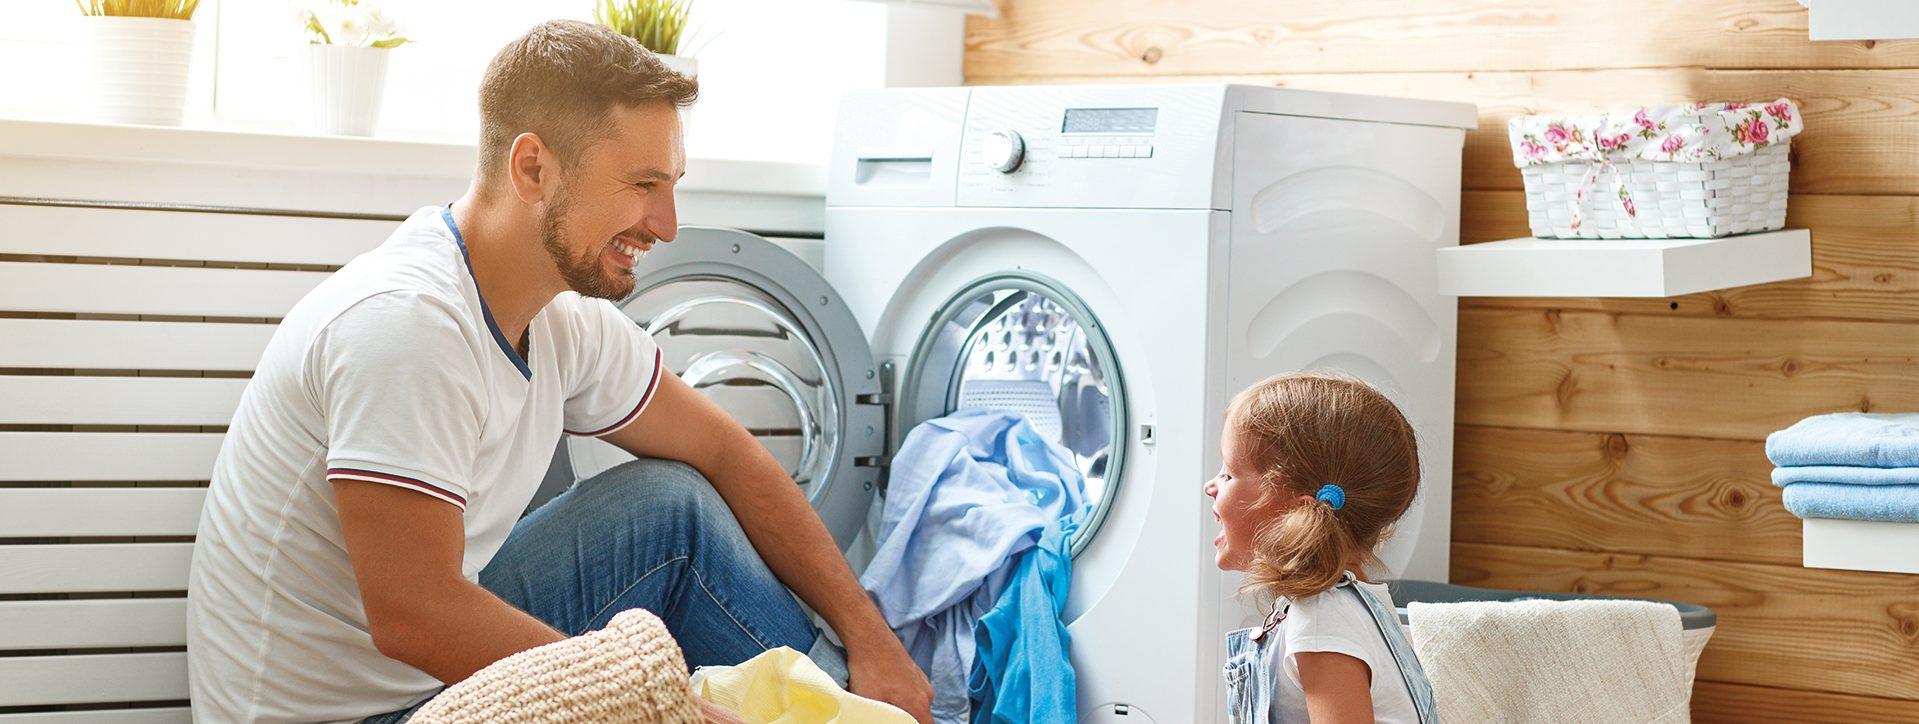 Bucato sanificato e pulito con Igenial